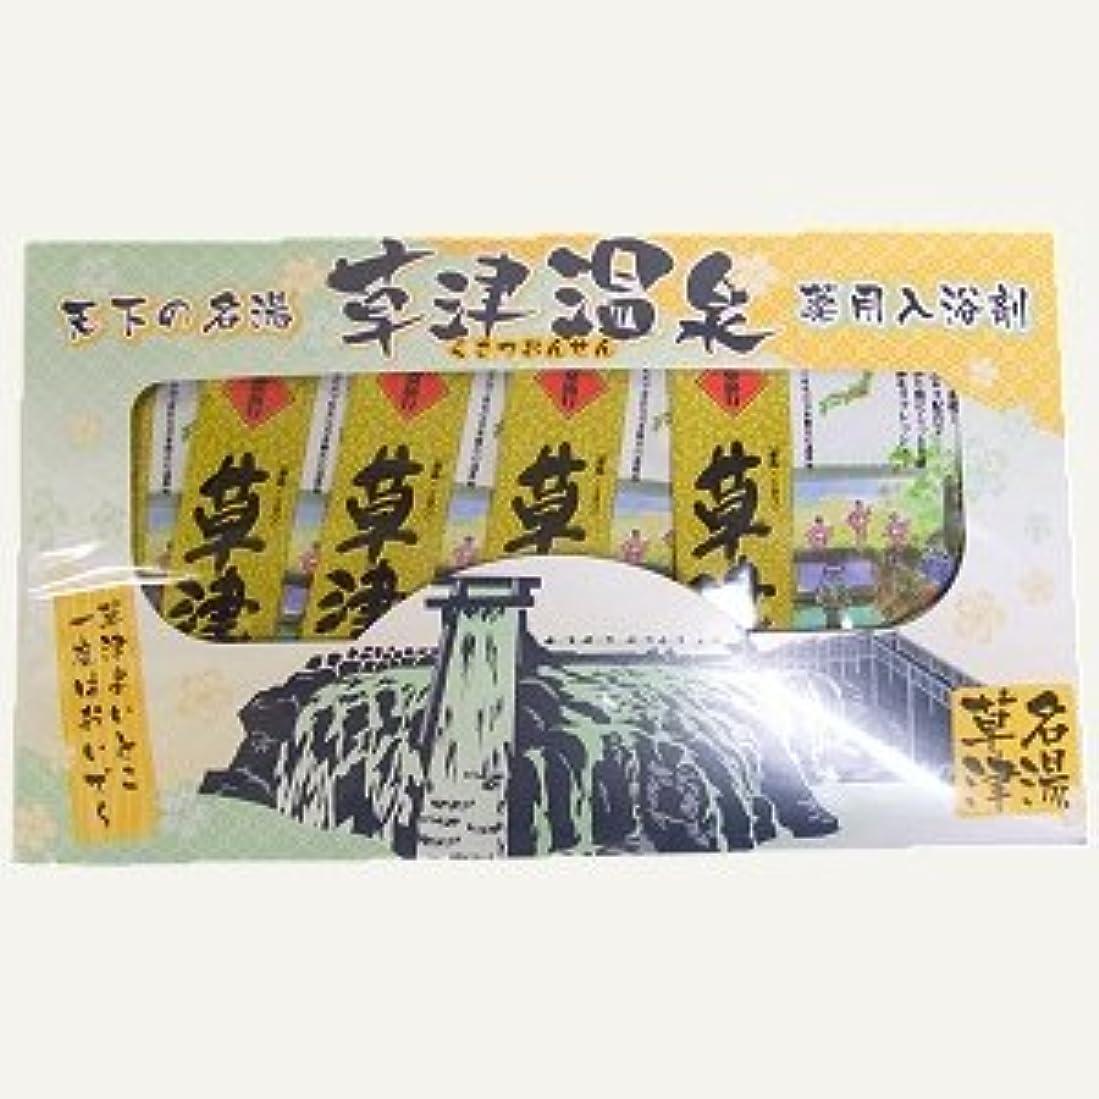 【草津温泉みやげ】 天下の名湯 草津温泉 薬用入浴剤 25gX5包